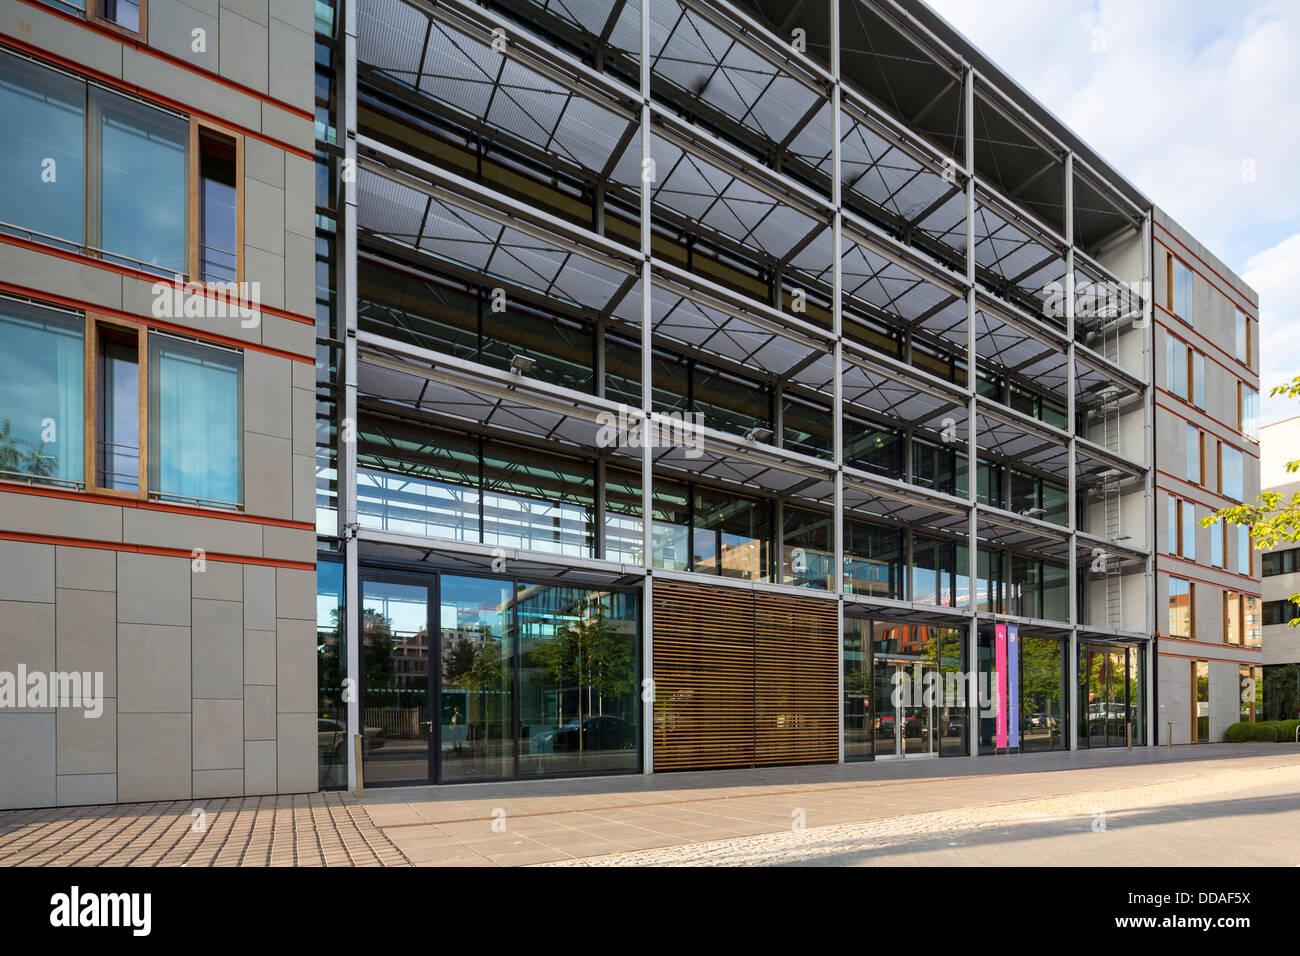 Landesvertretung Niedersachsen, Niedersachsen Regierungsbüros, Berlin, Deutschland Stockbild